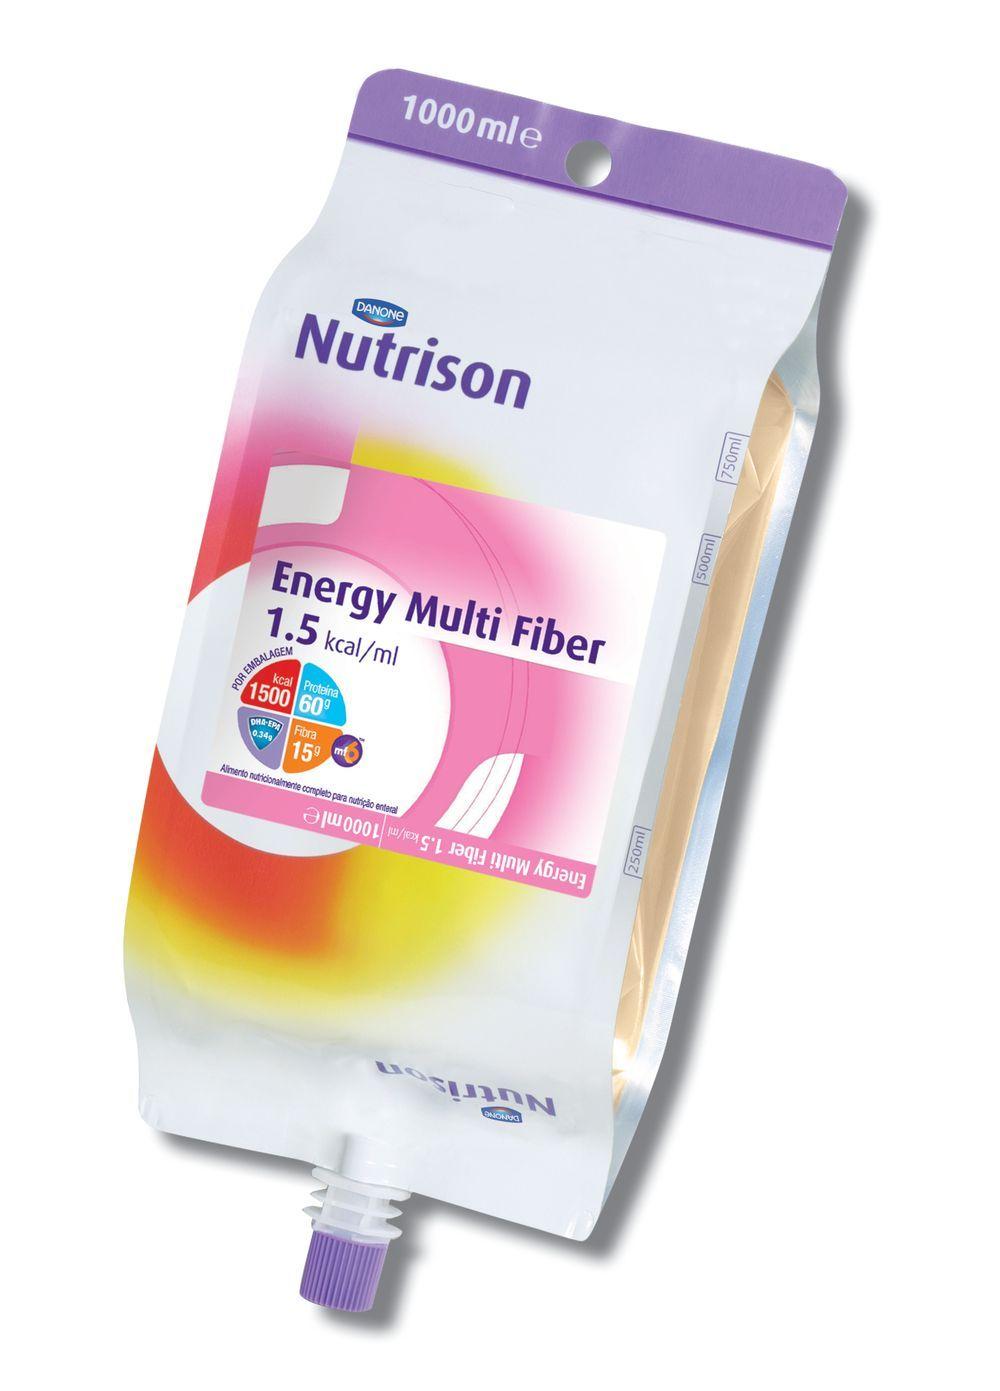 Nutrison Energy Multi Fiber Pack - 1 L - (Danone)